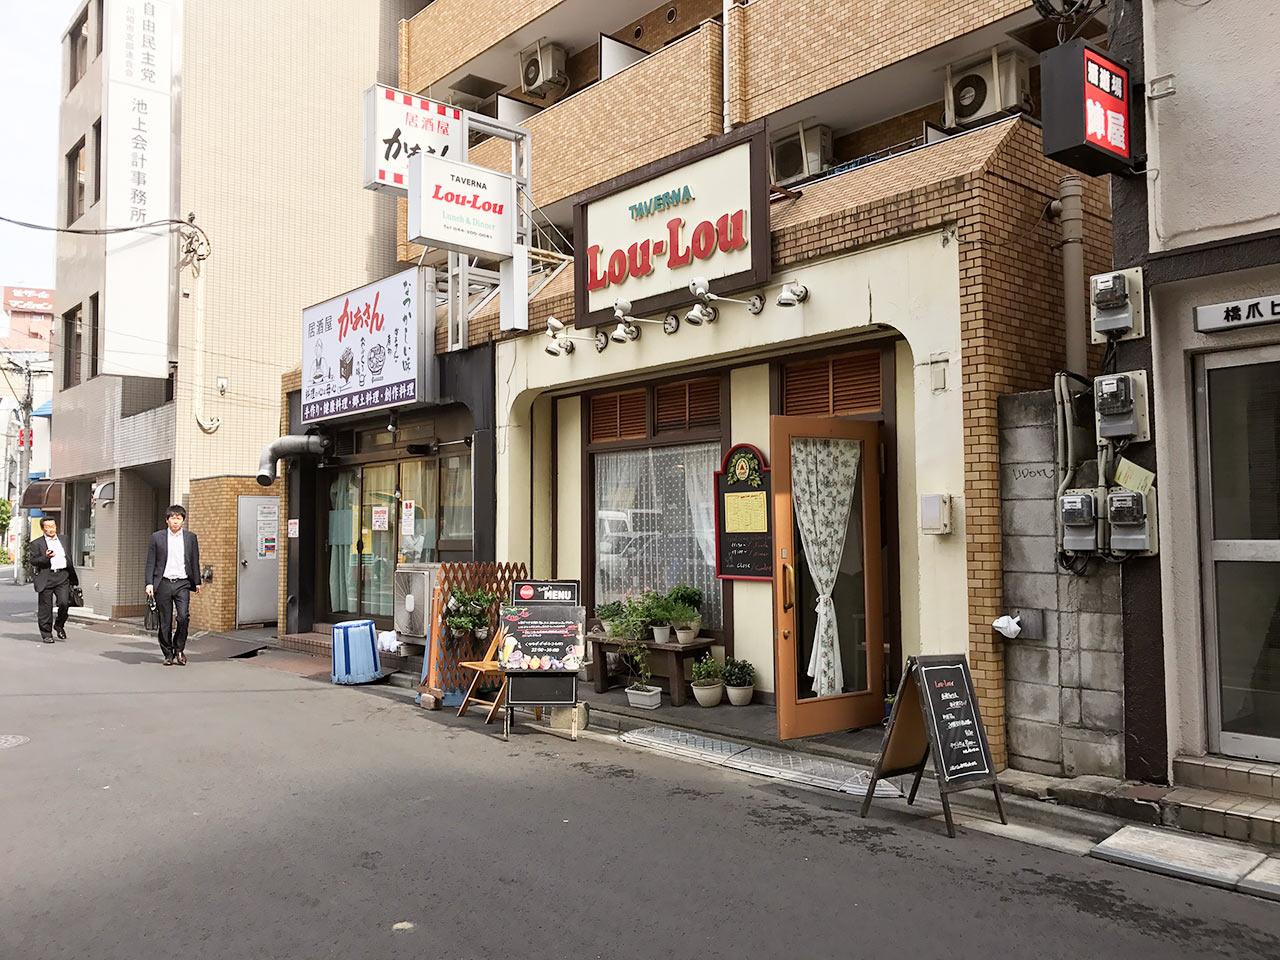 kawasaki-taverna-lou-lou-gaikan